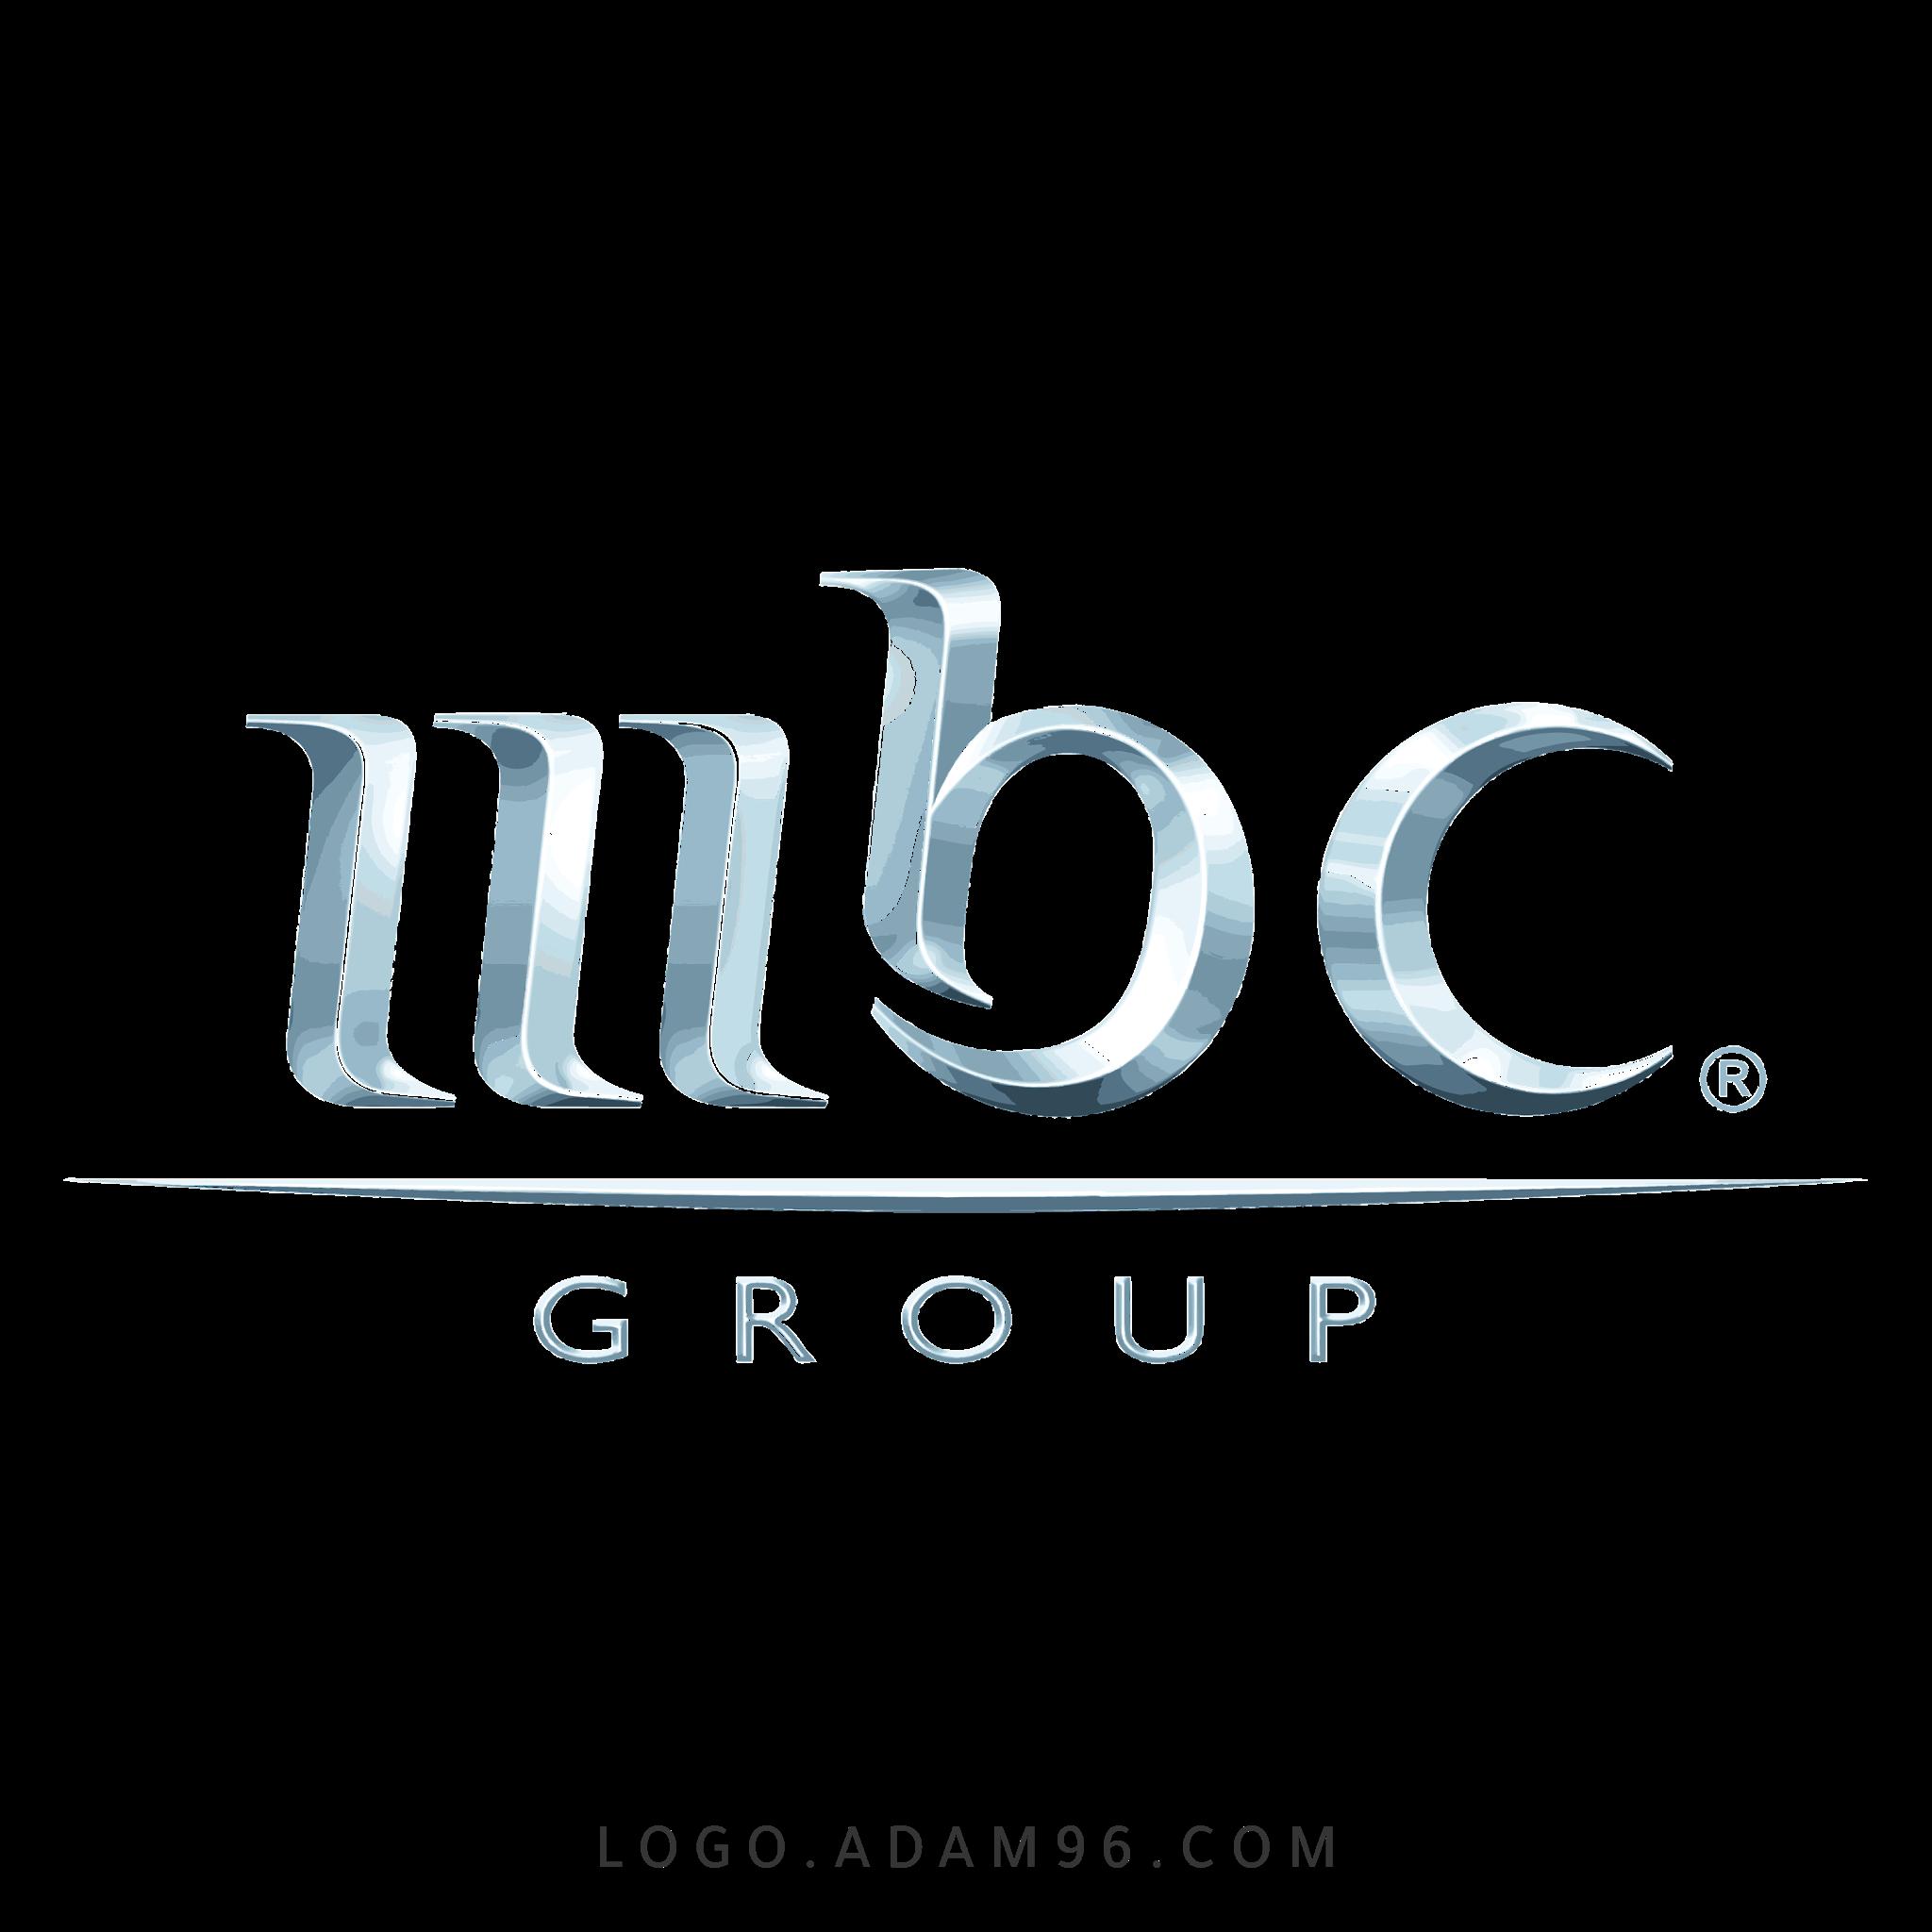 تحميل شعار قناة ام بي سي جروب لوجو رسمي Logo MBC GROUP PNG